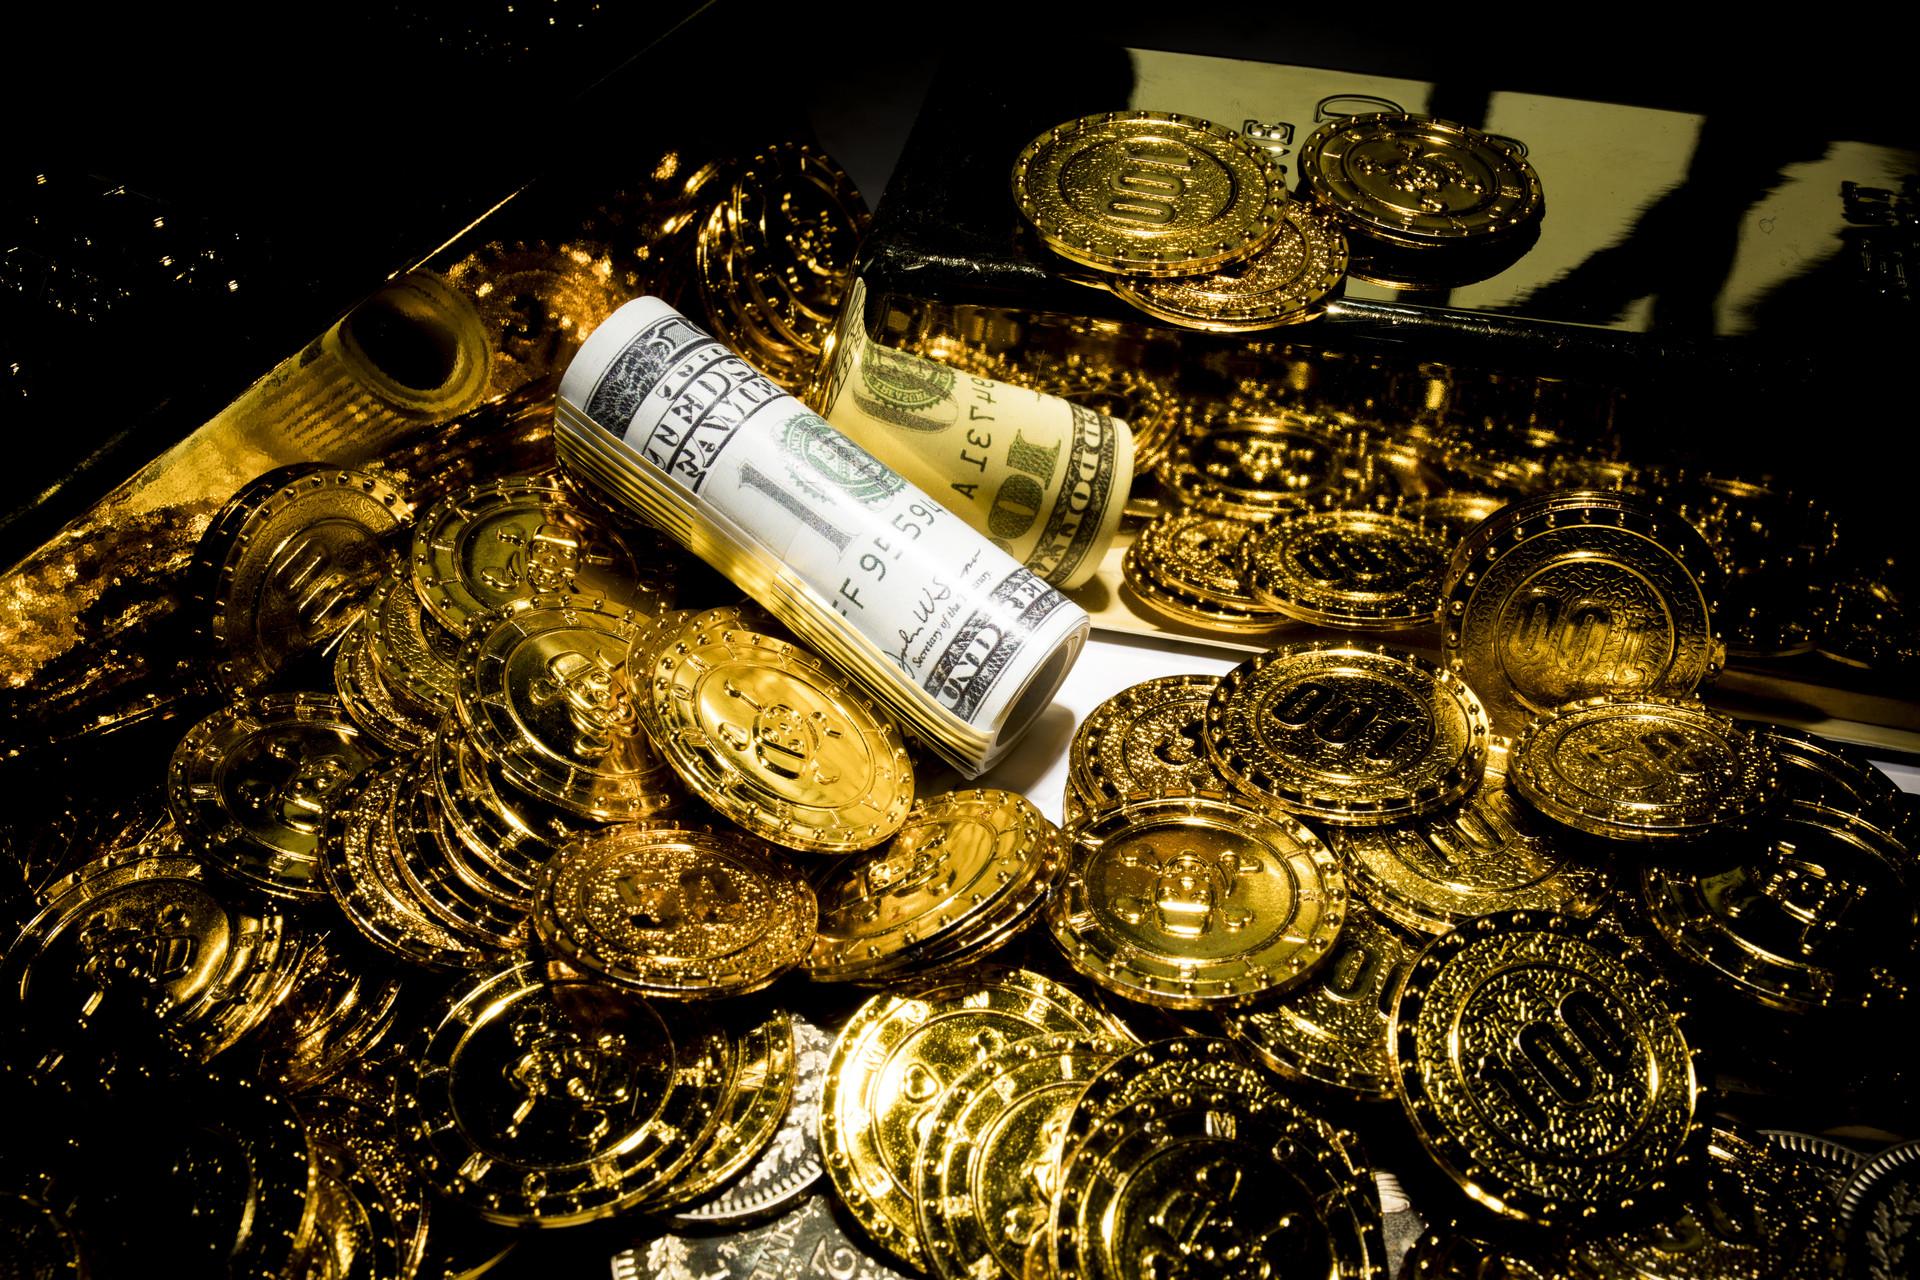 鈀價分析:鈀金/美元風險逆轉,自7月初以來最大跌幅